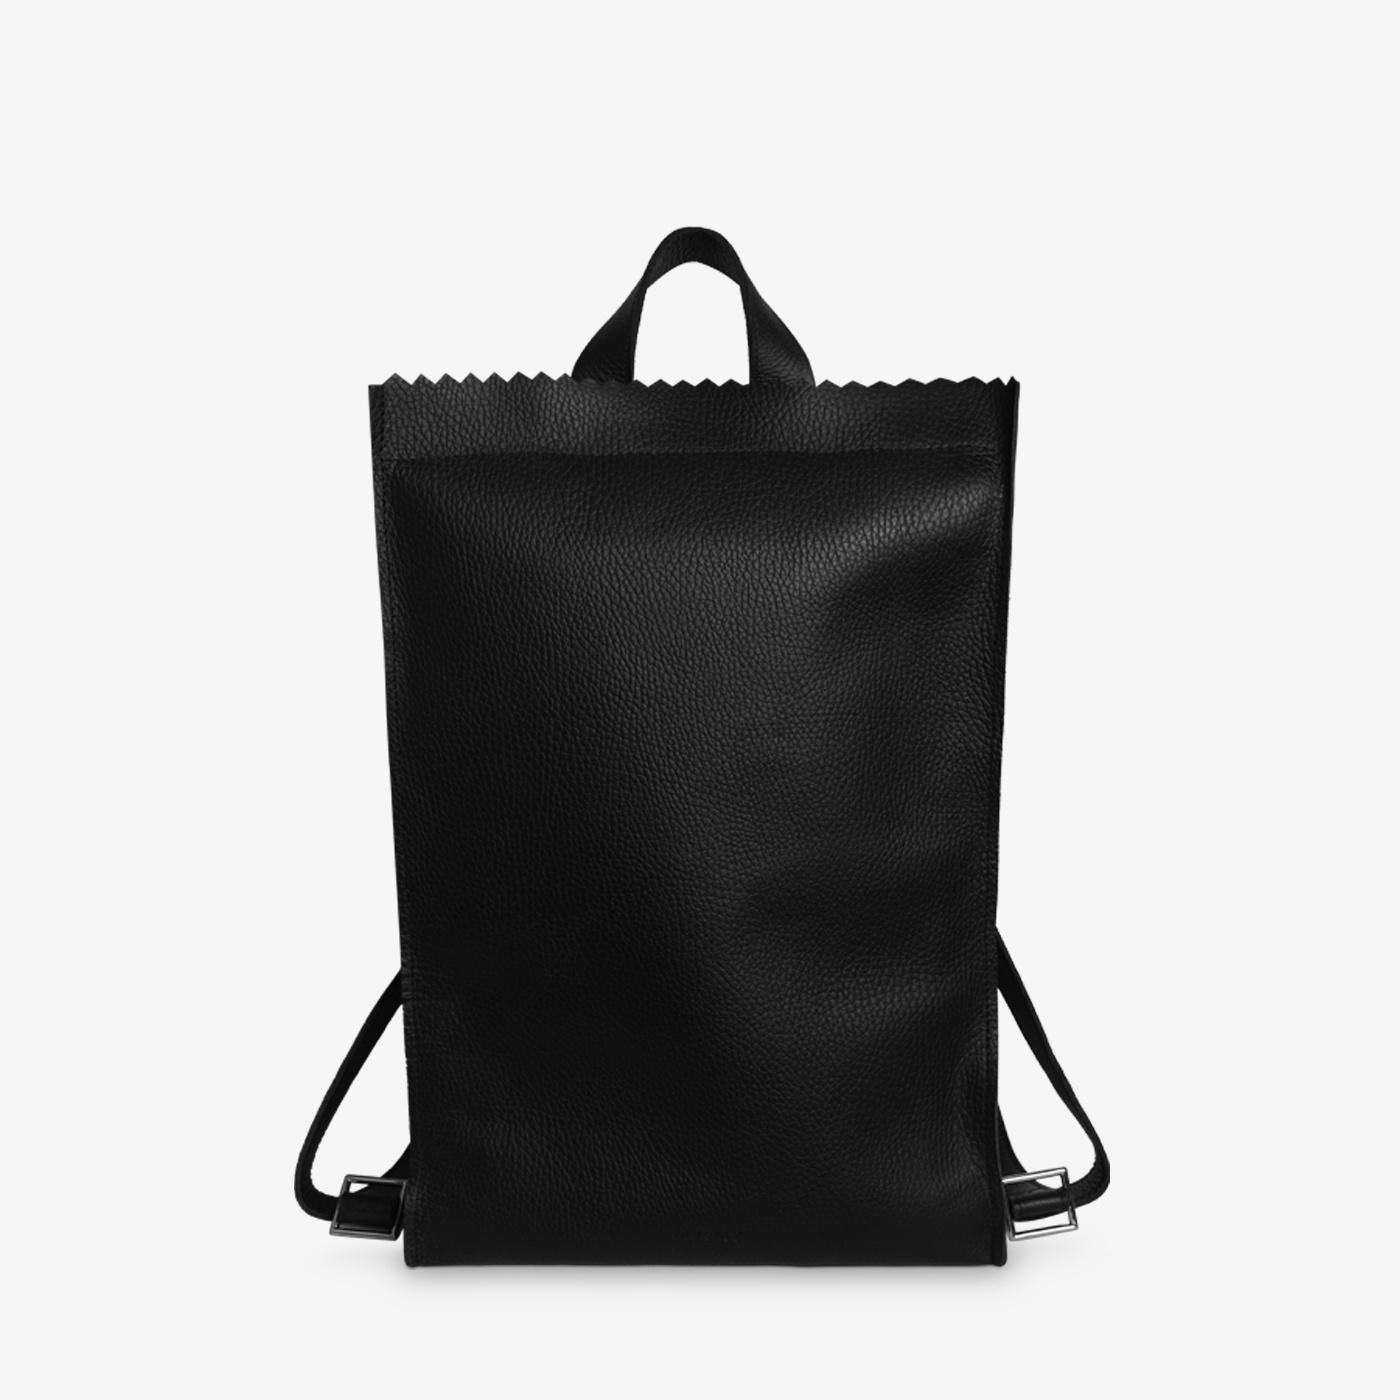 MYoMY MPB Backbag Rambler Black